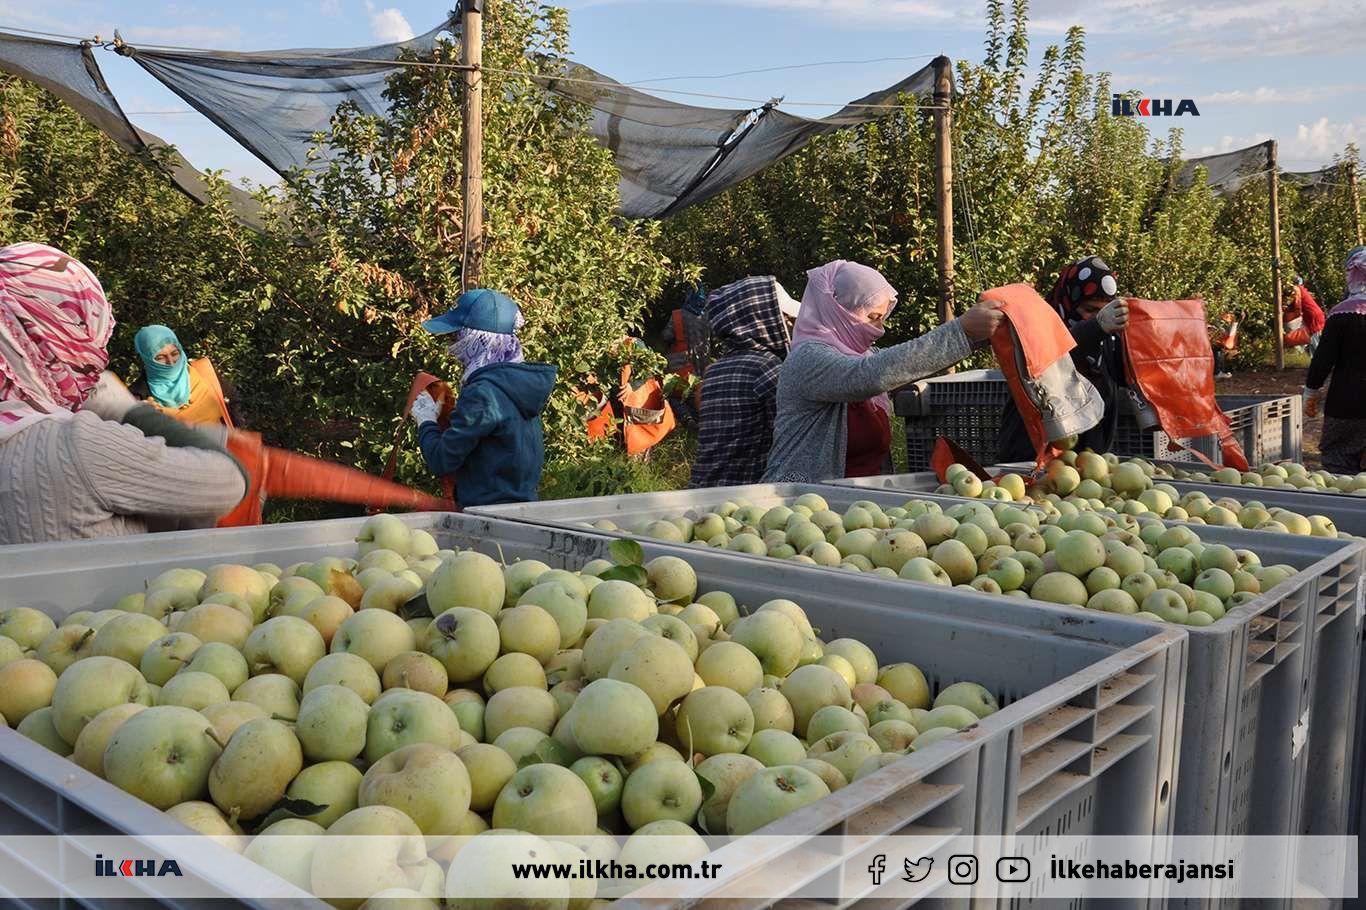 Bölgenin en büyük elma bahçesinde hasat devam ediyor